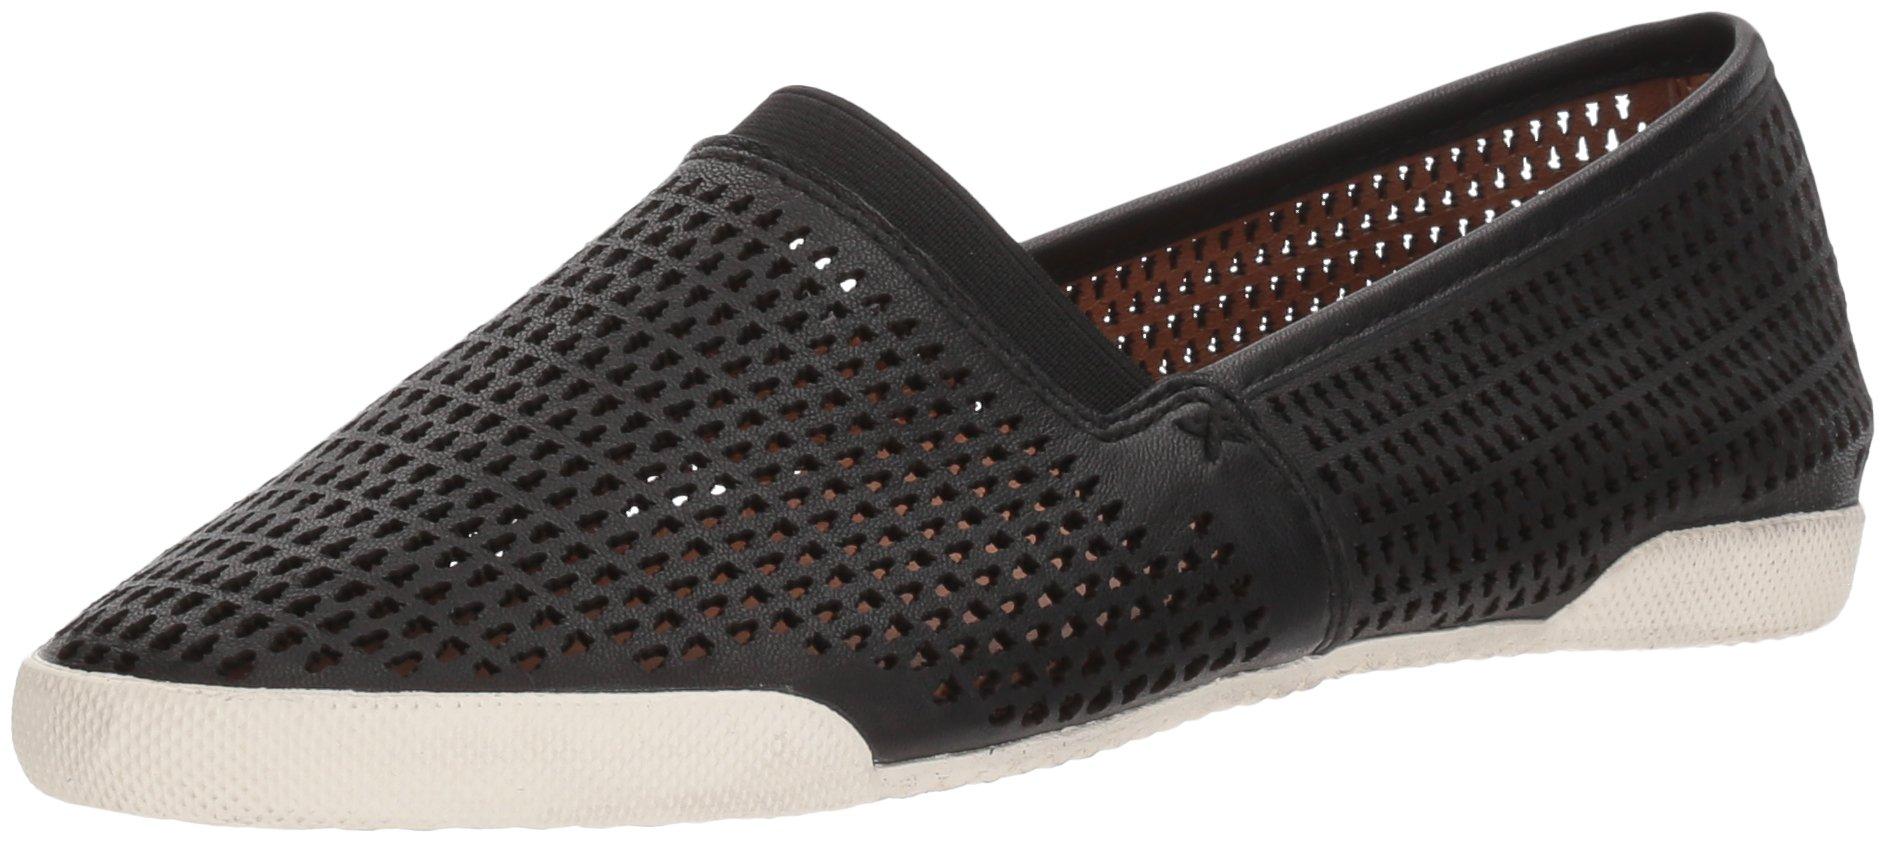 FRYE Women's Melanie Perf Slip On Sneaker, Black, 9 M US